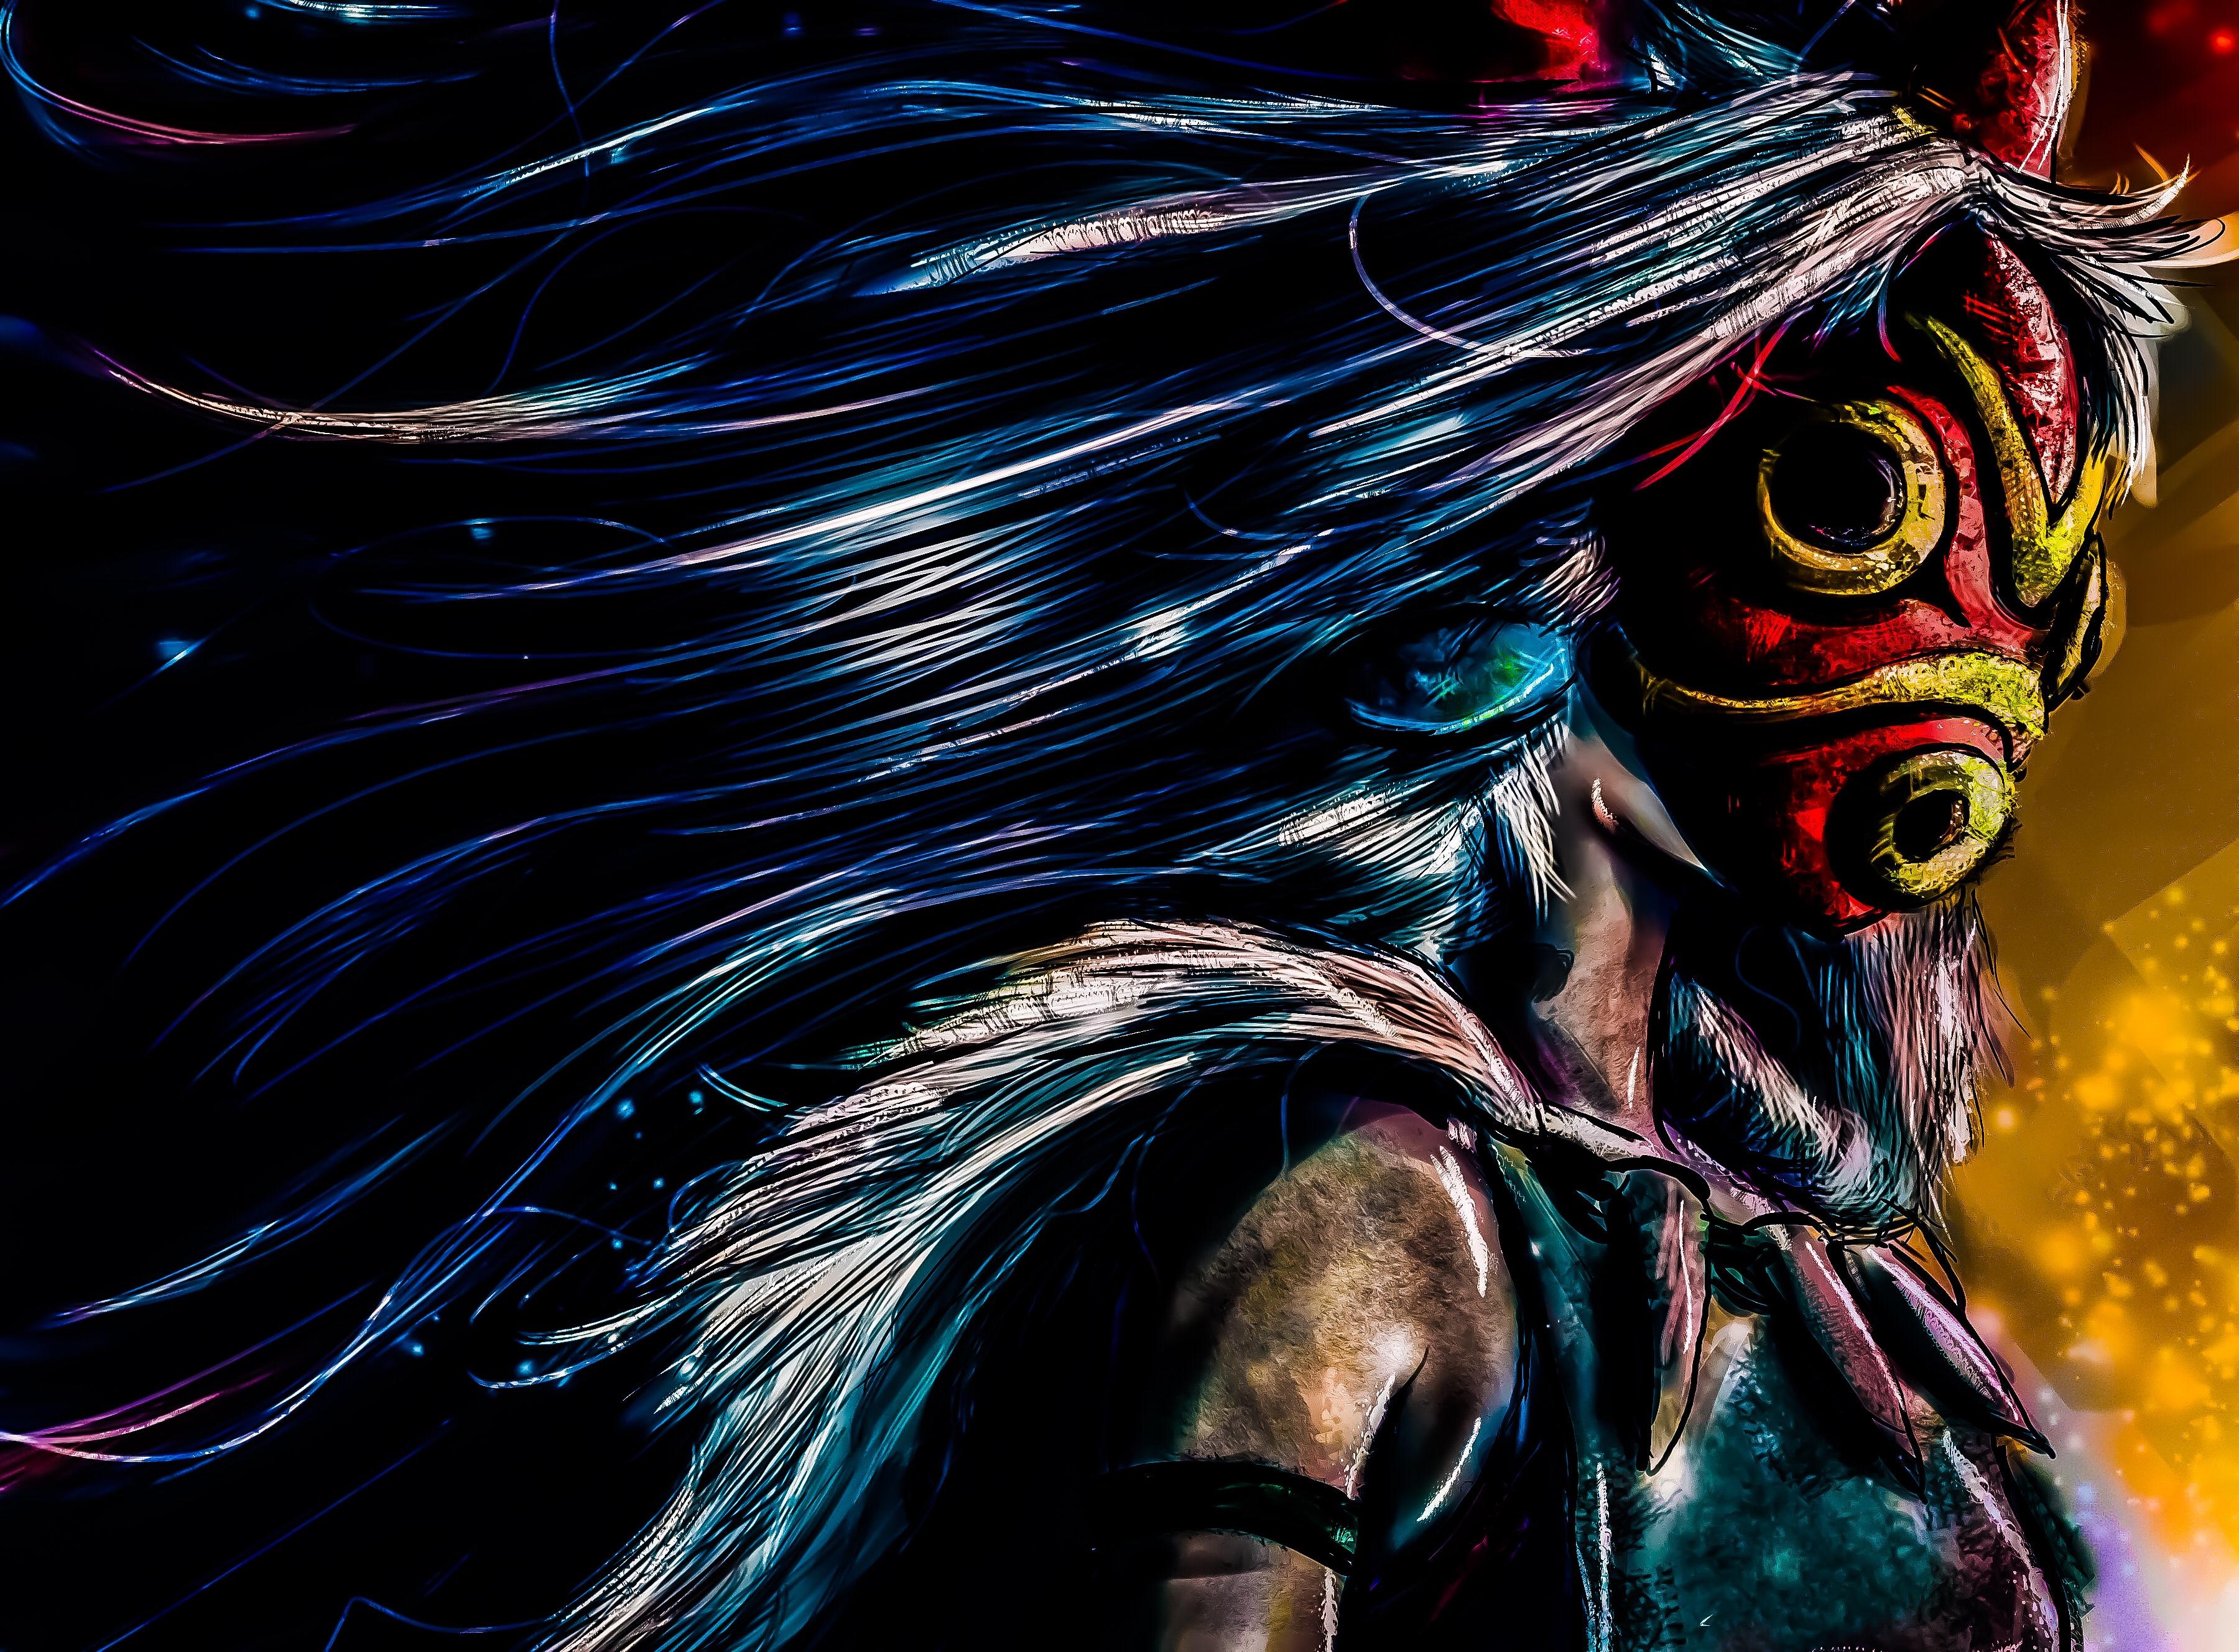 Princess Mononoke Backgrounds, Pictures, Images